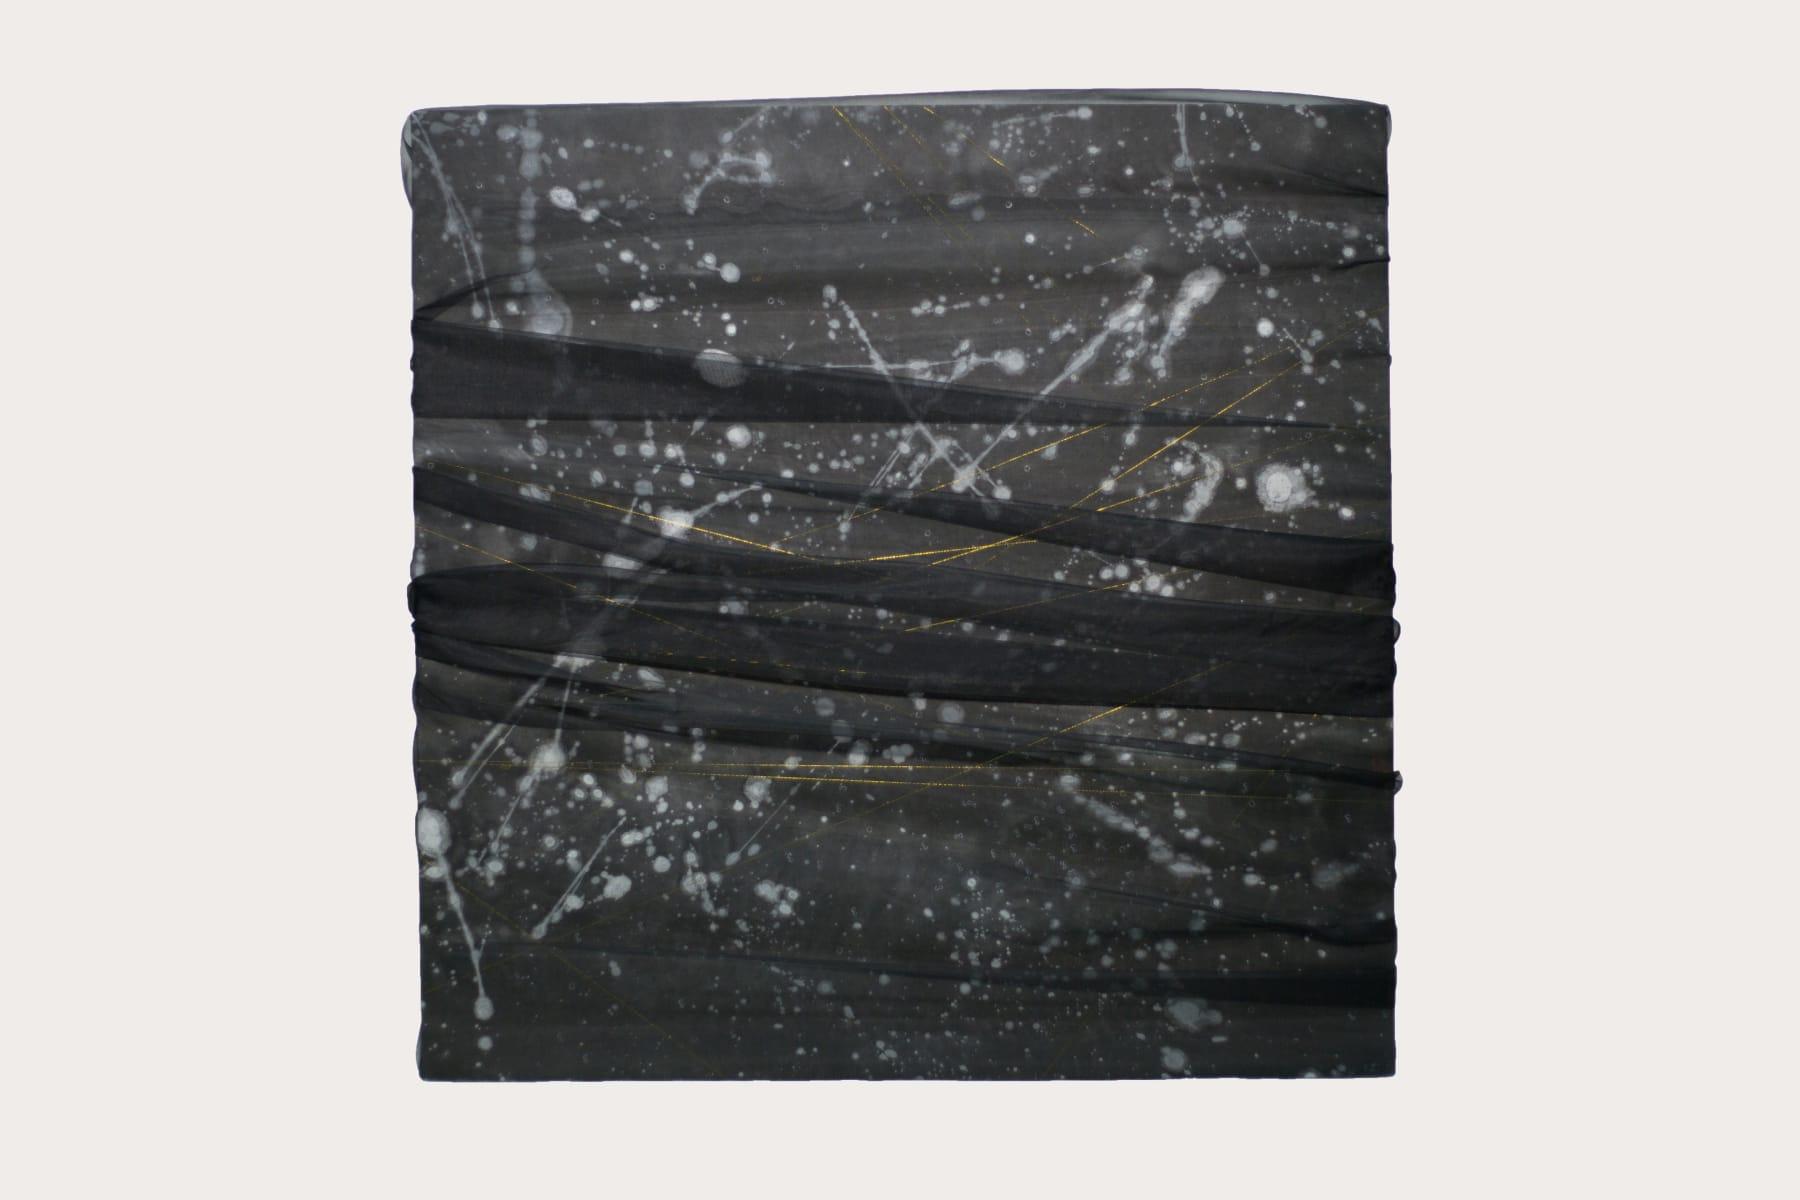 Zhang Yanzi 章燕紫, Infinite No.3 無窮3, 2017